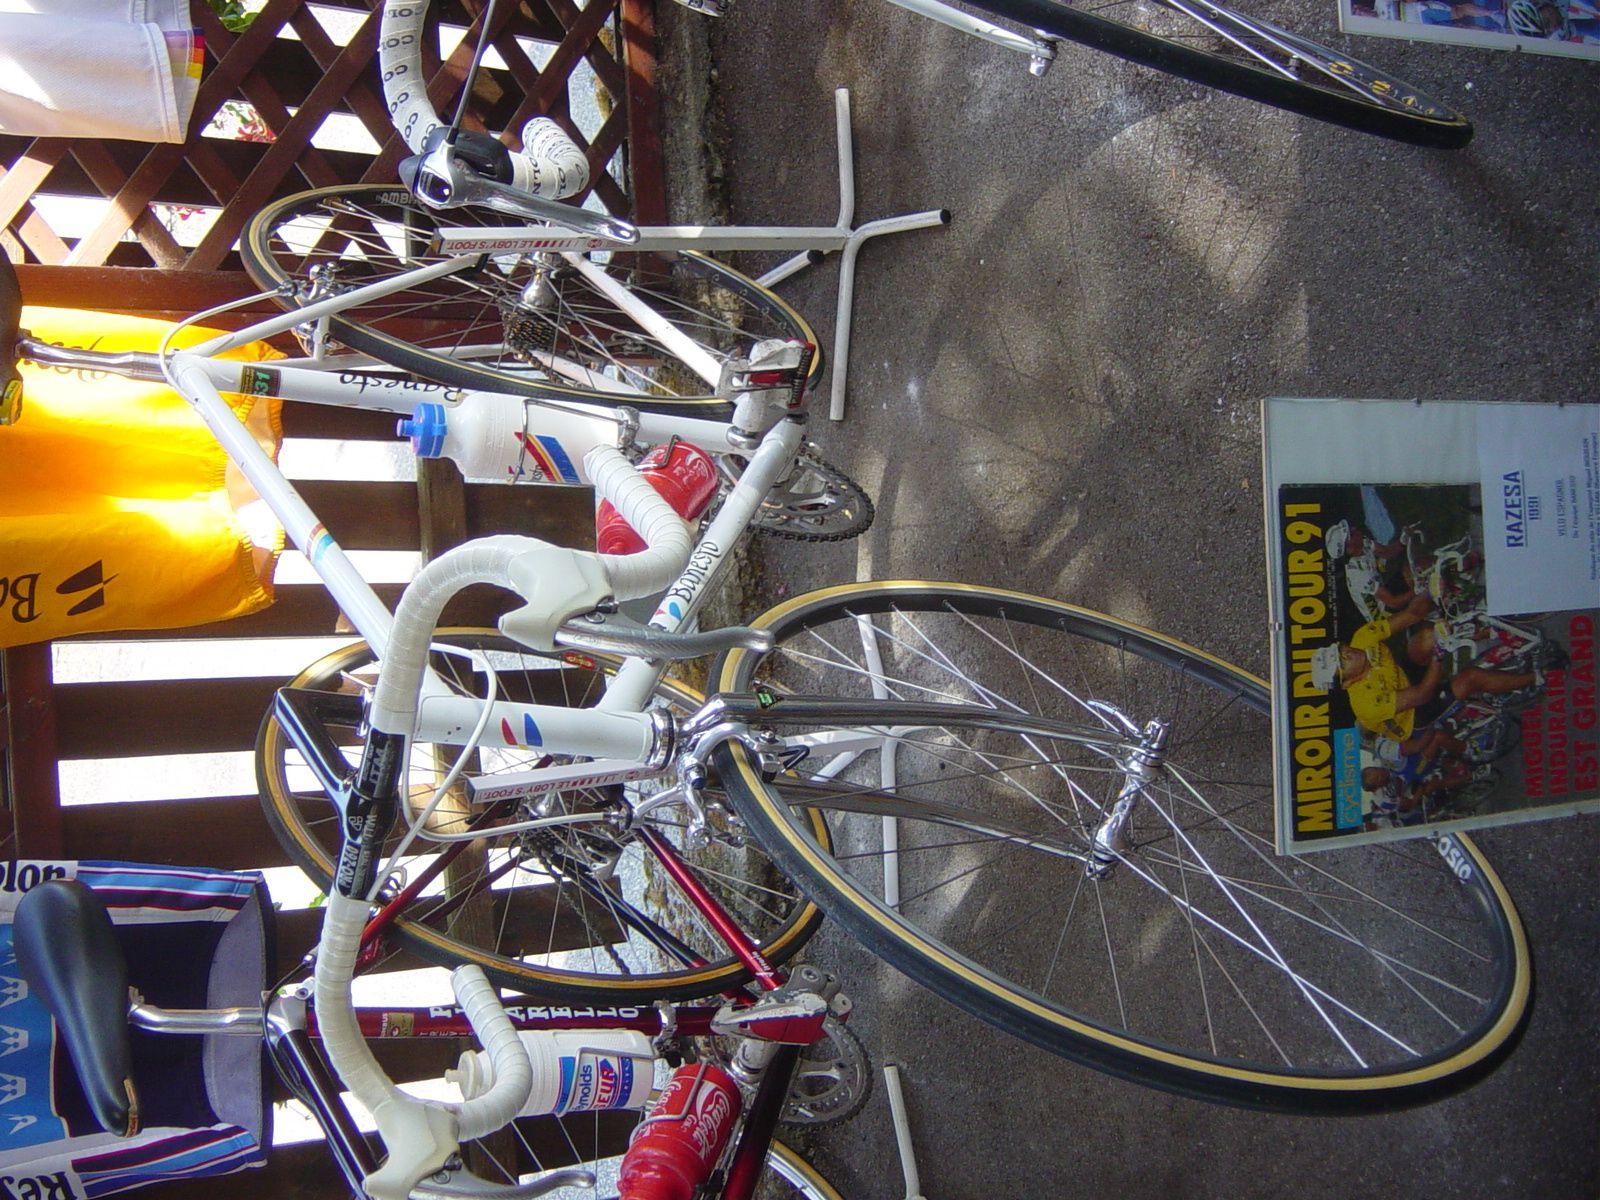 Le vélo Razesa-Banesto 1991 (réplique) de Miguel INDURAIN.